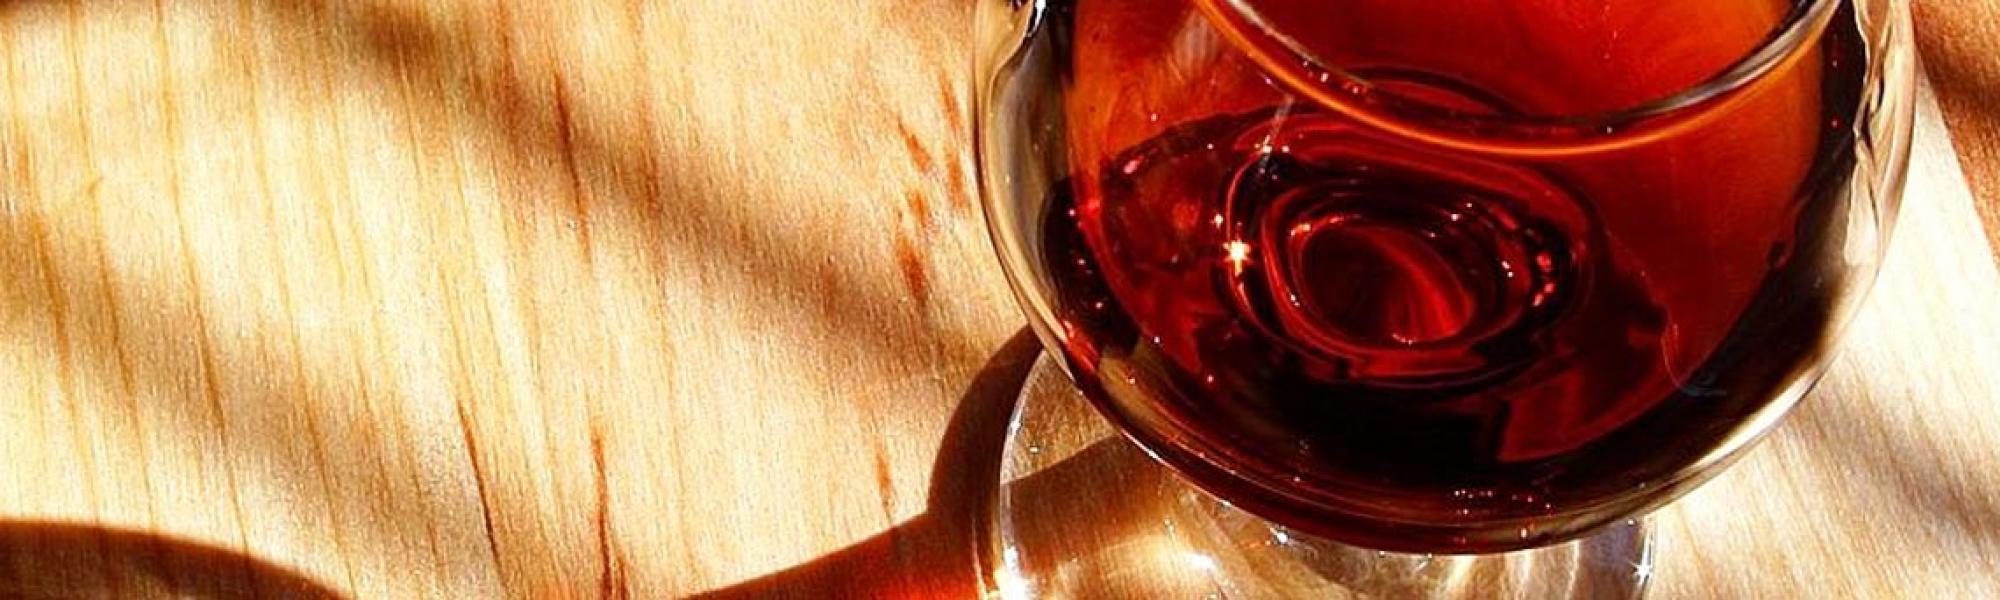 Pago seguro mediante tpv virtual de la caixa vins i for Seguro hogar la caixa